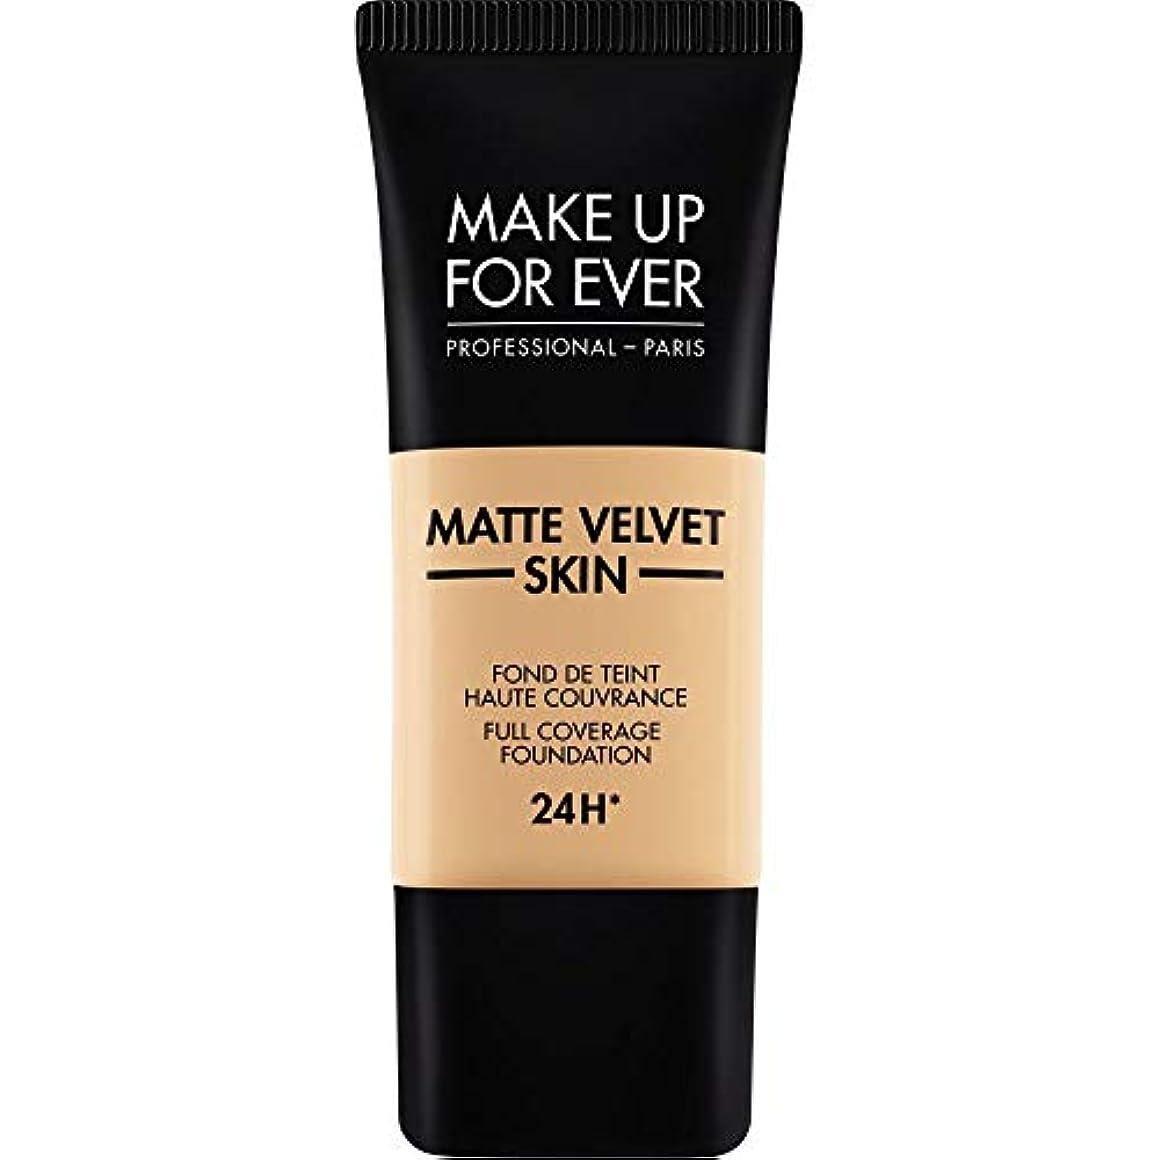 ファンシー熟考する偽造[MAKE UP FOR EVER ] 暗い砂 - これまでマットベルベットの皮膚のフルカバレッジ基礎30ミリリットルのY335を補います - MAKE UP FOR EVER Matte Velvet Skin Full...